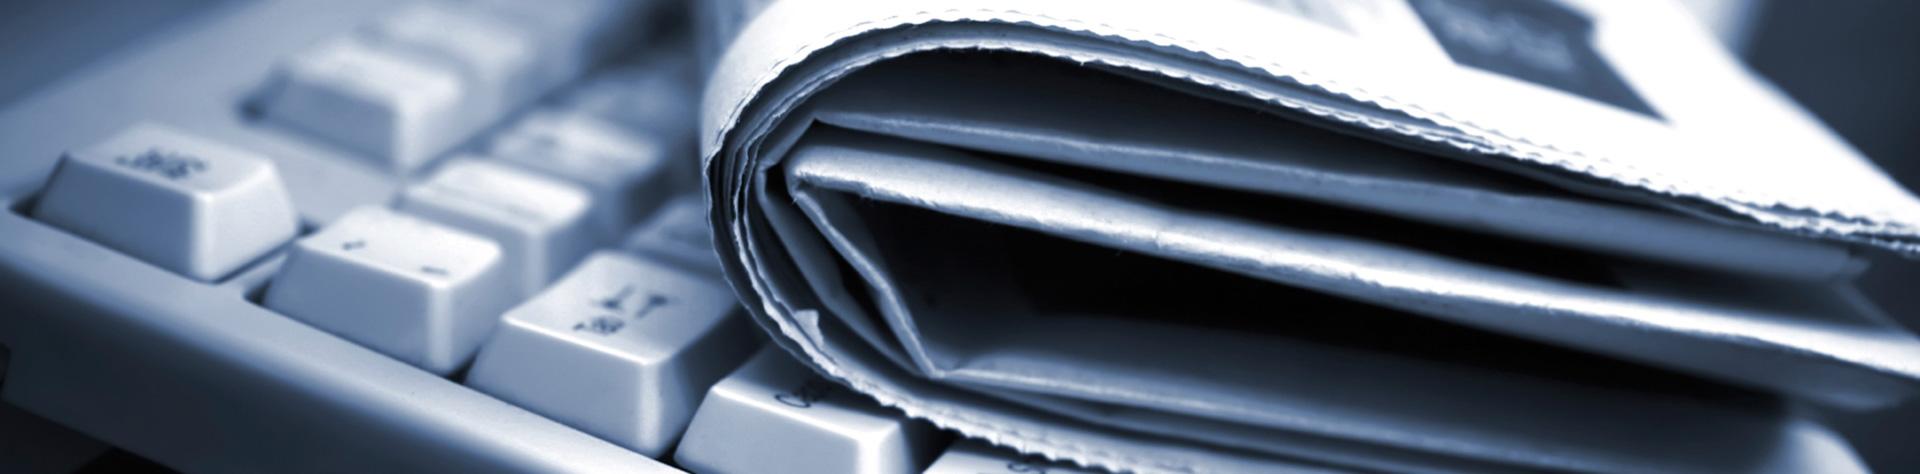 Estágio em Jornalismo e Mídia